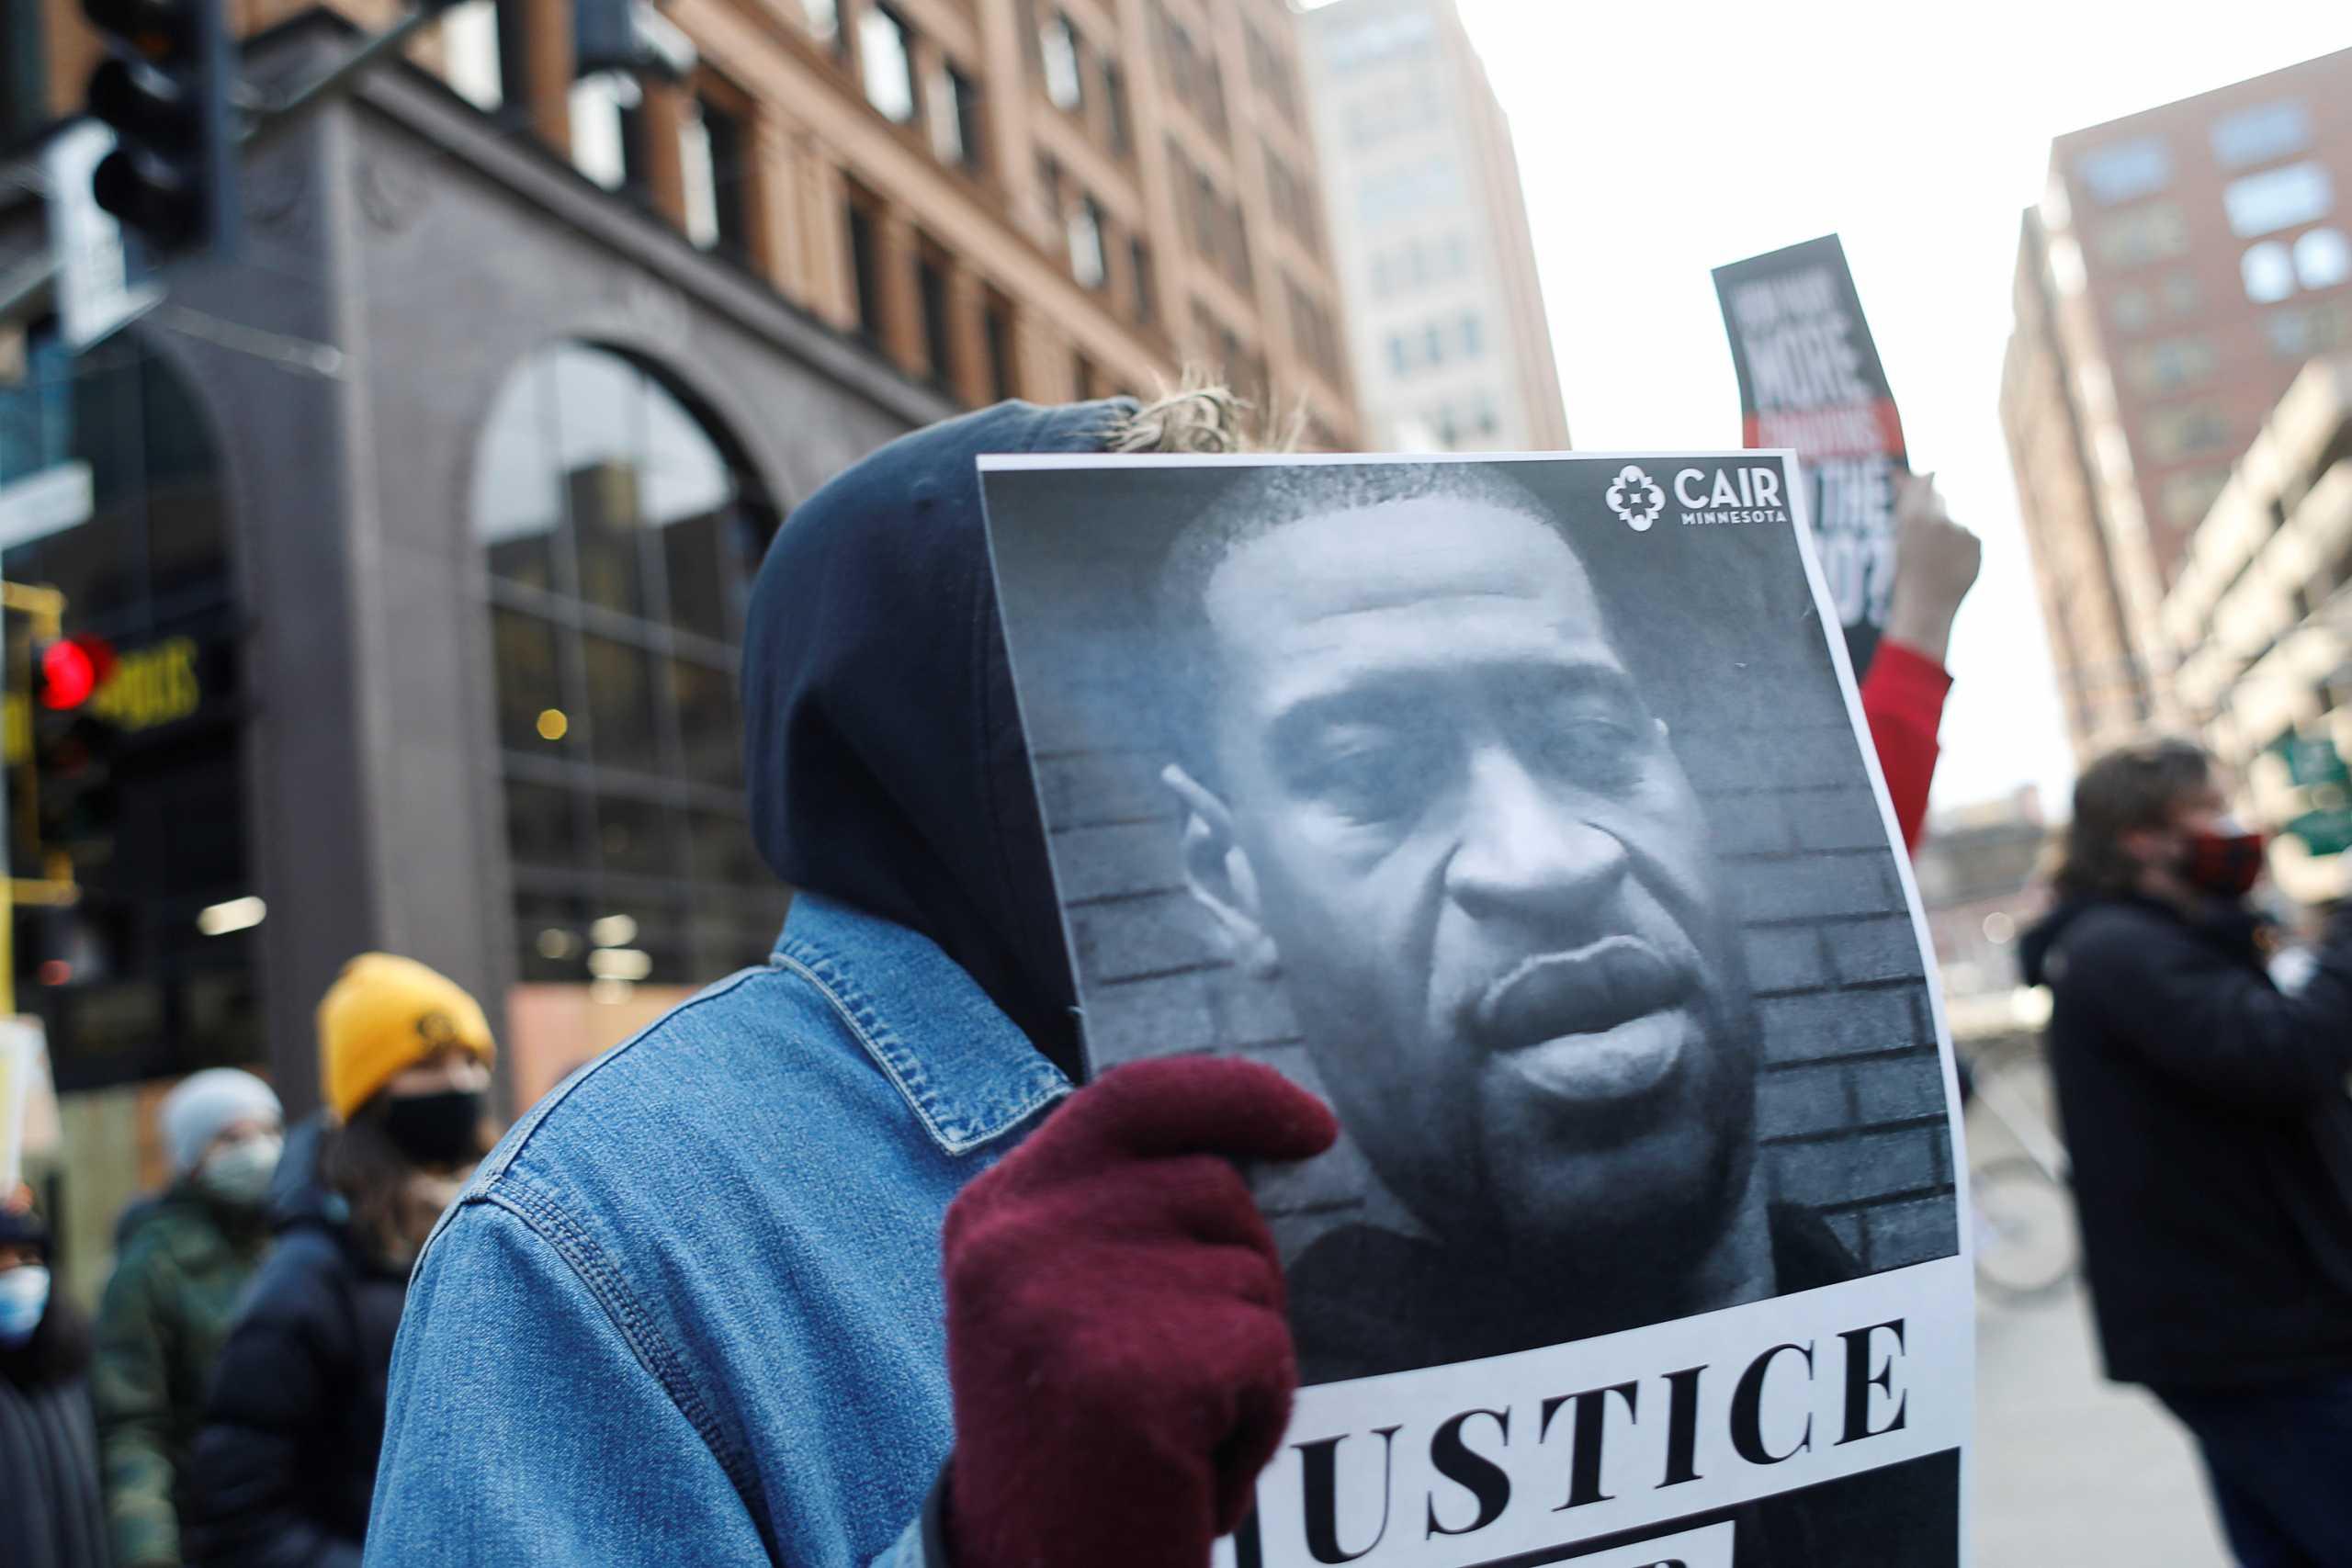 Τζορτζ Φλόιντ: Θα του δοθεί χάρη μετά θάνατον για μια καταδίκη του από το 2004